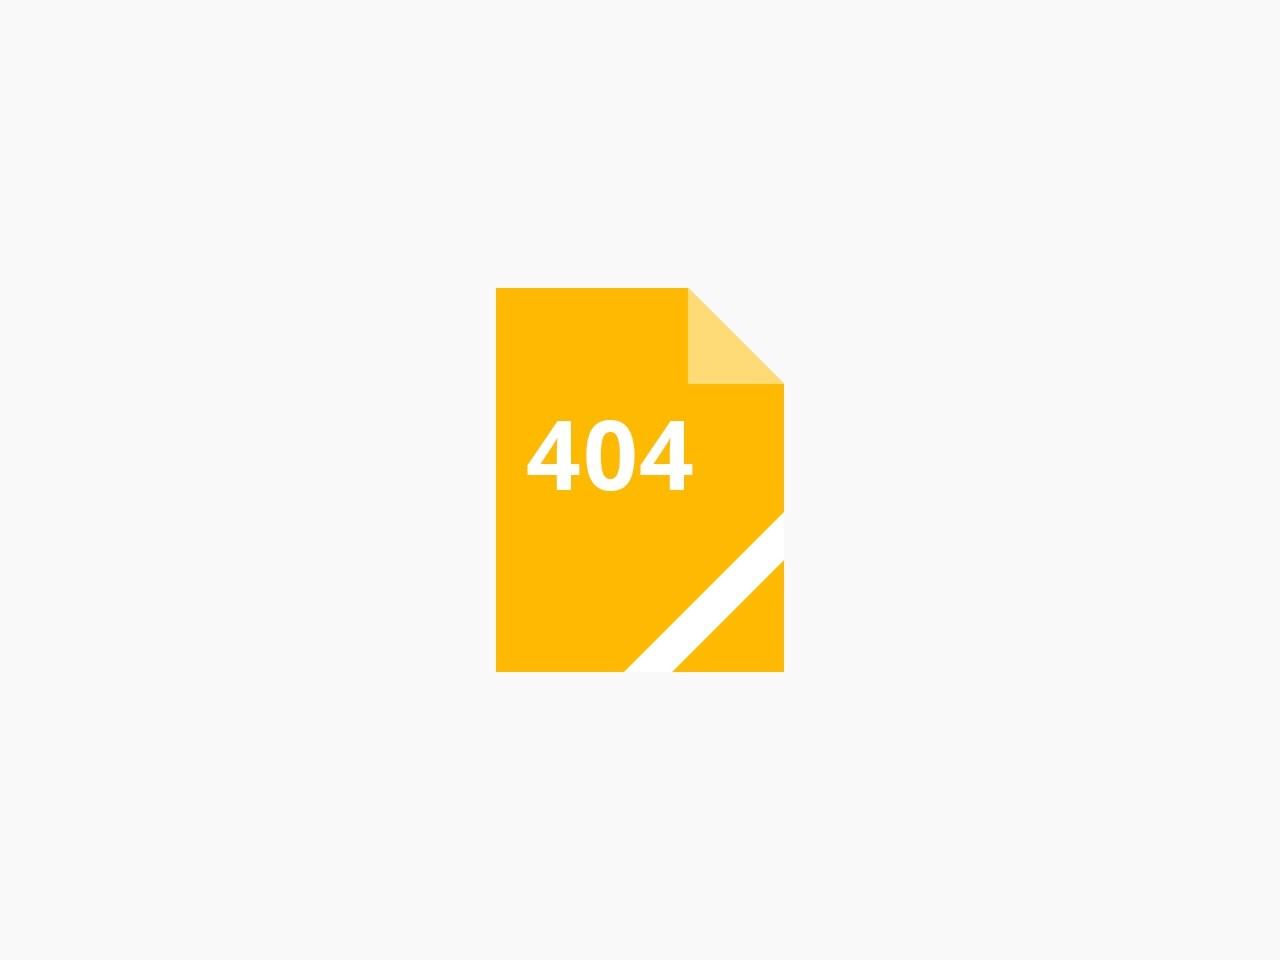 热门手游排行榜,手游攻略,好玩的手机游戏下载,178手游网首页